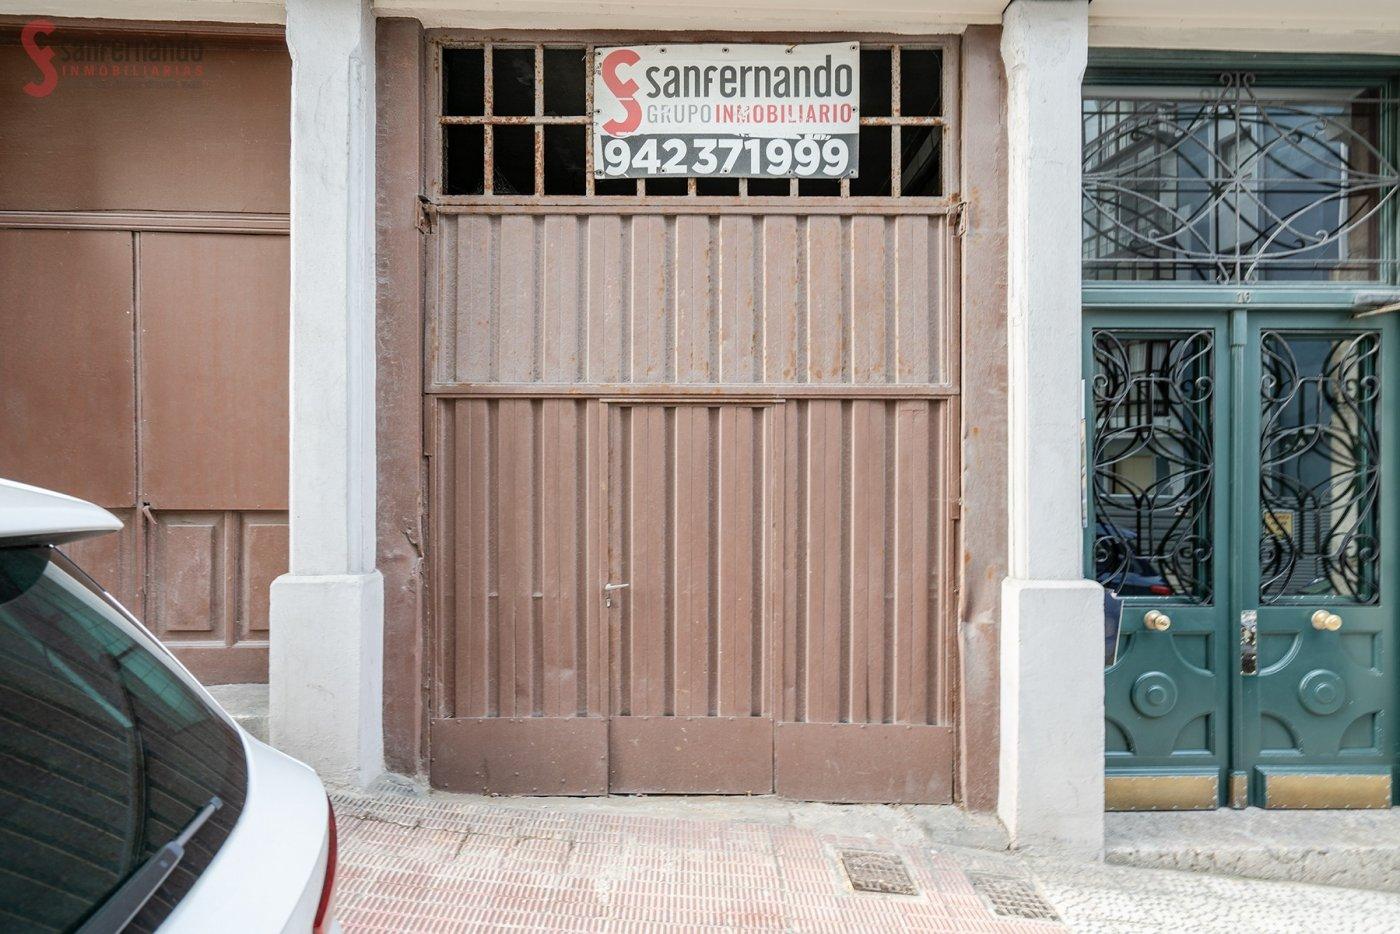 Local comercial en Santander – 84344